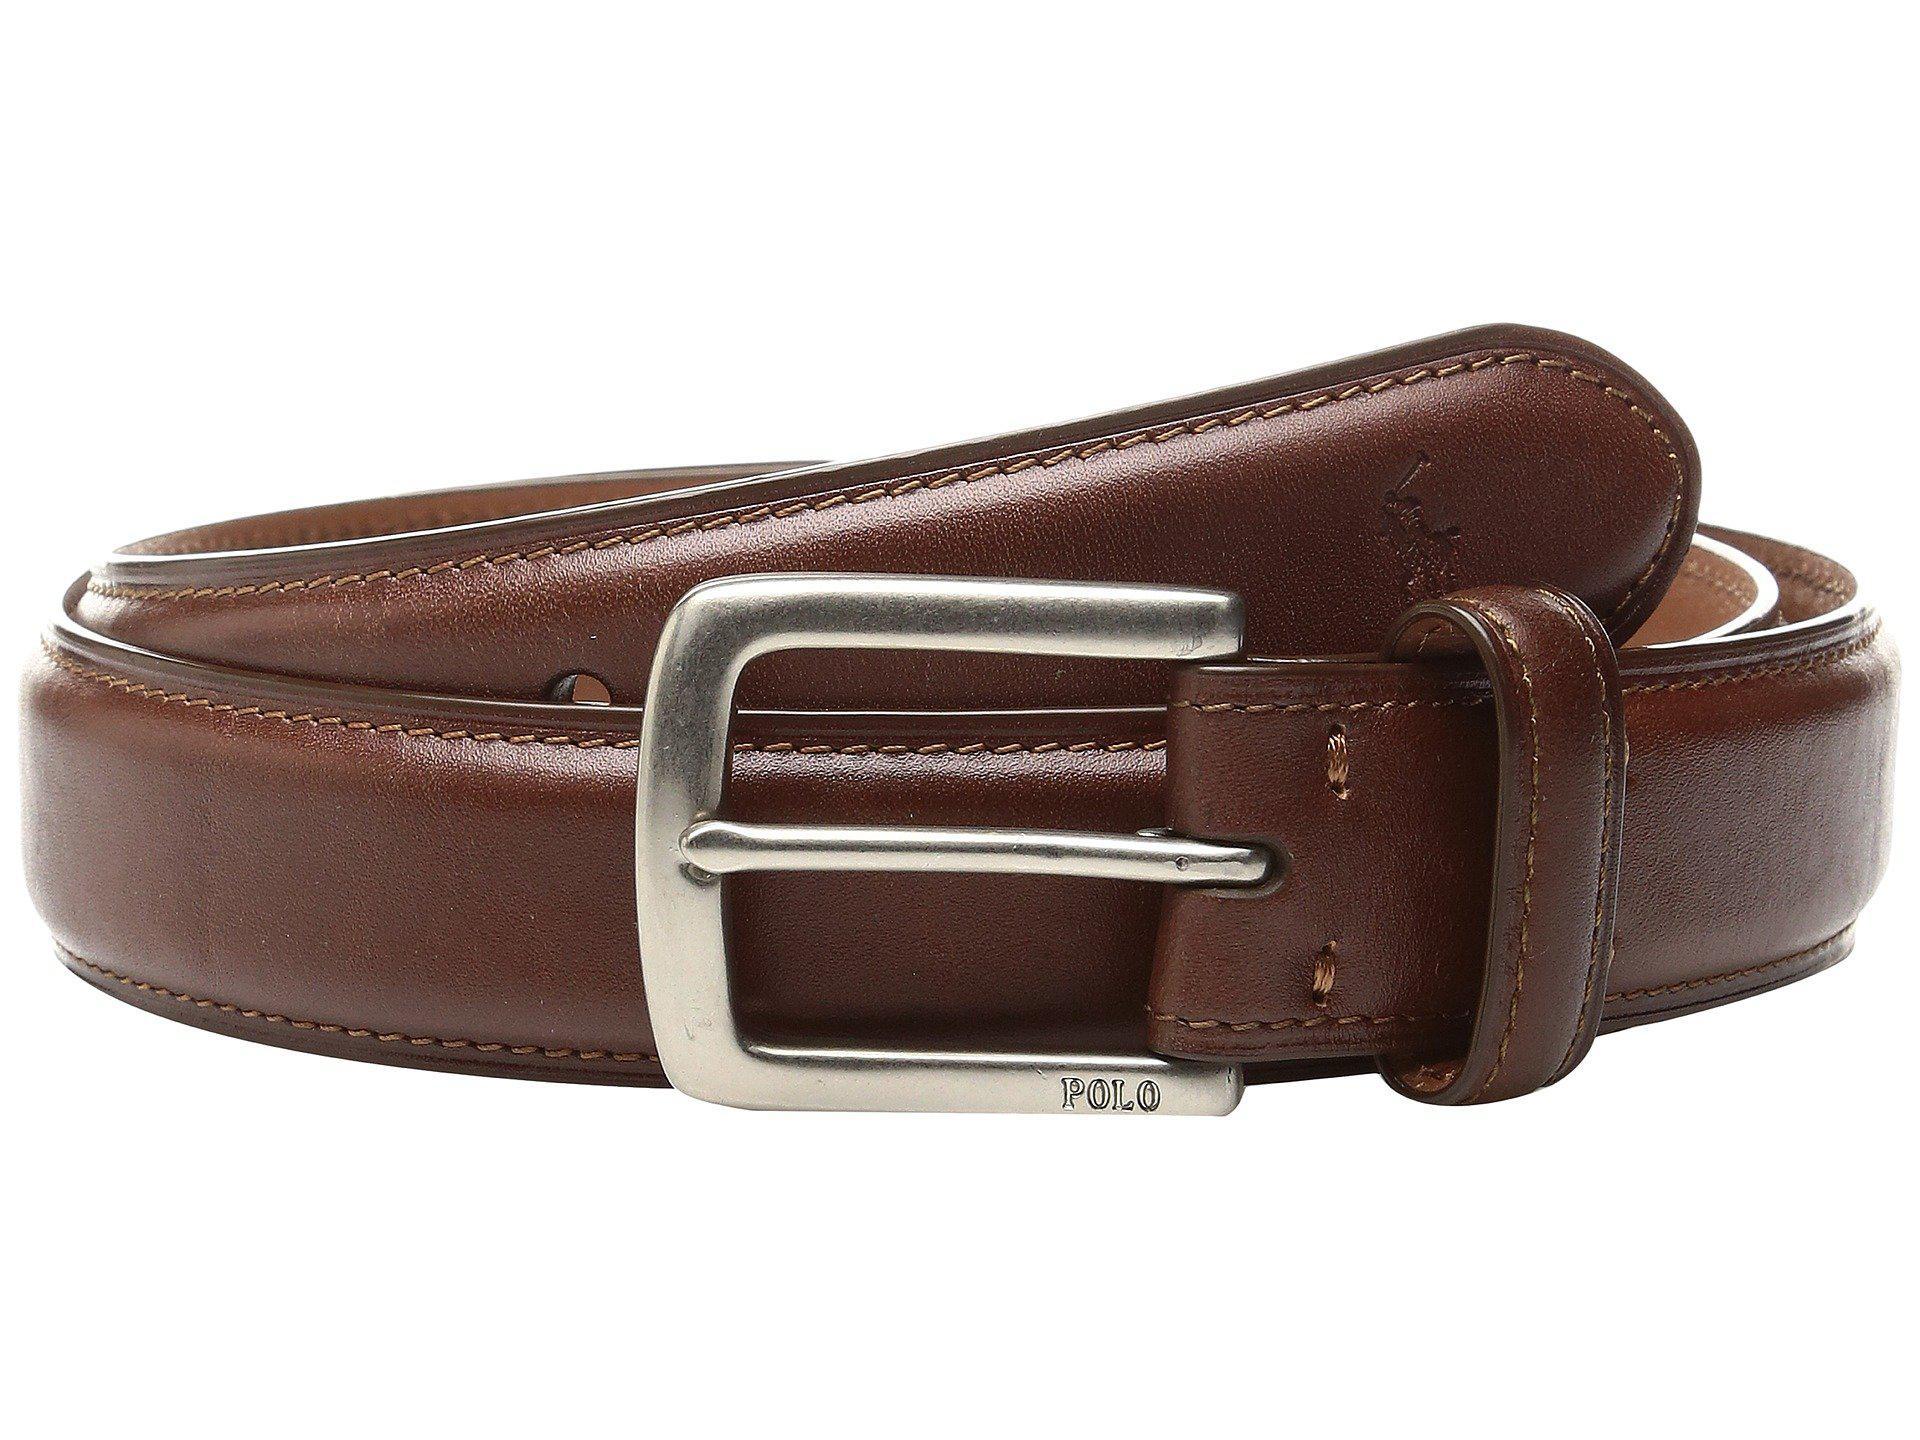 f1c03e824c Lyst - Polo Ralph Lauren Suffield Belt (tan) Men s Belts in Brown ...